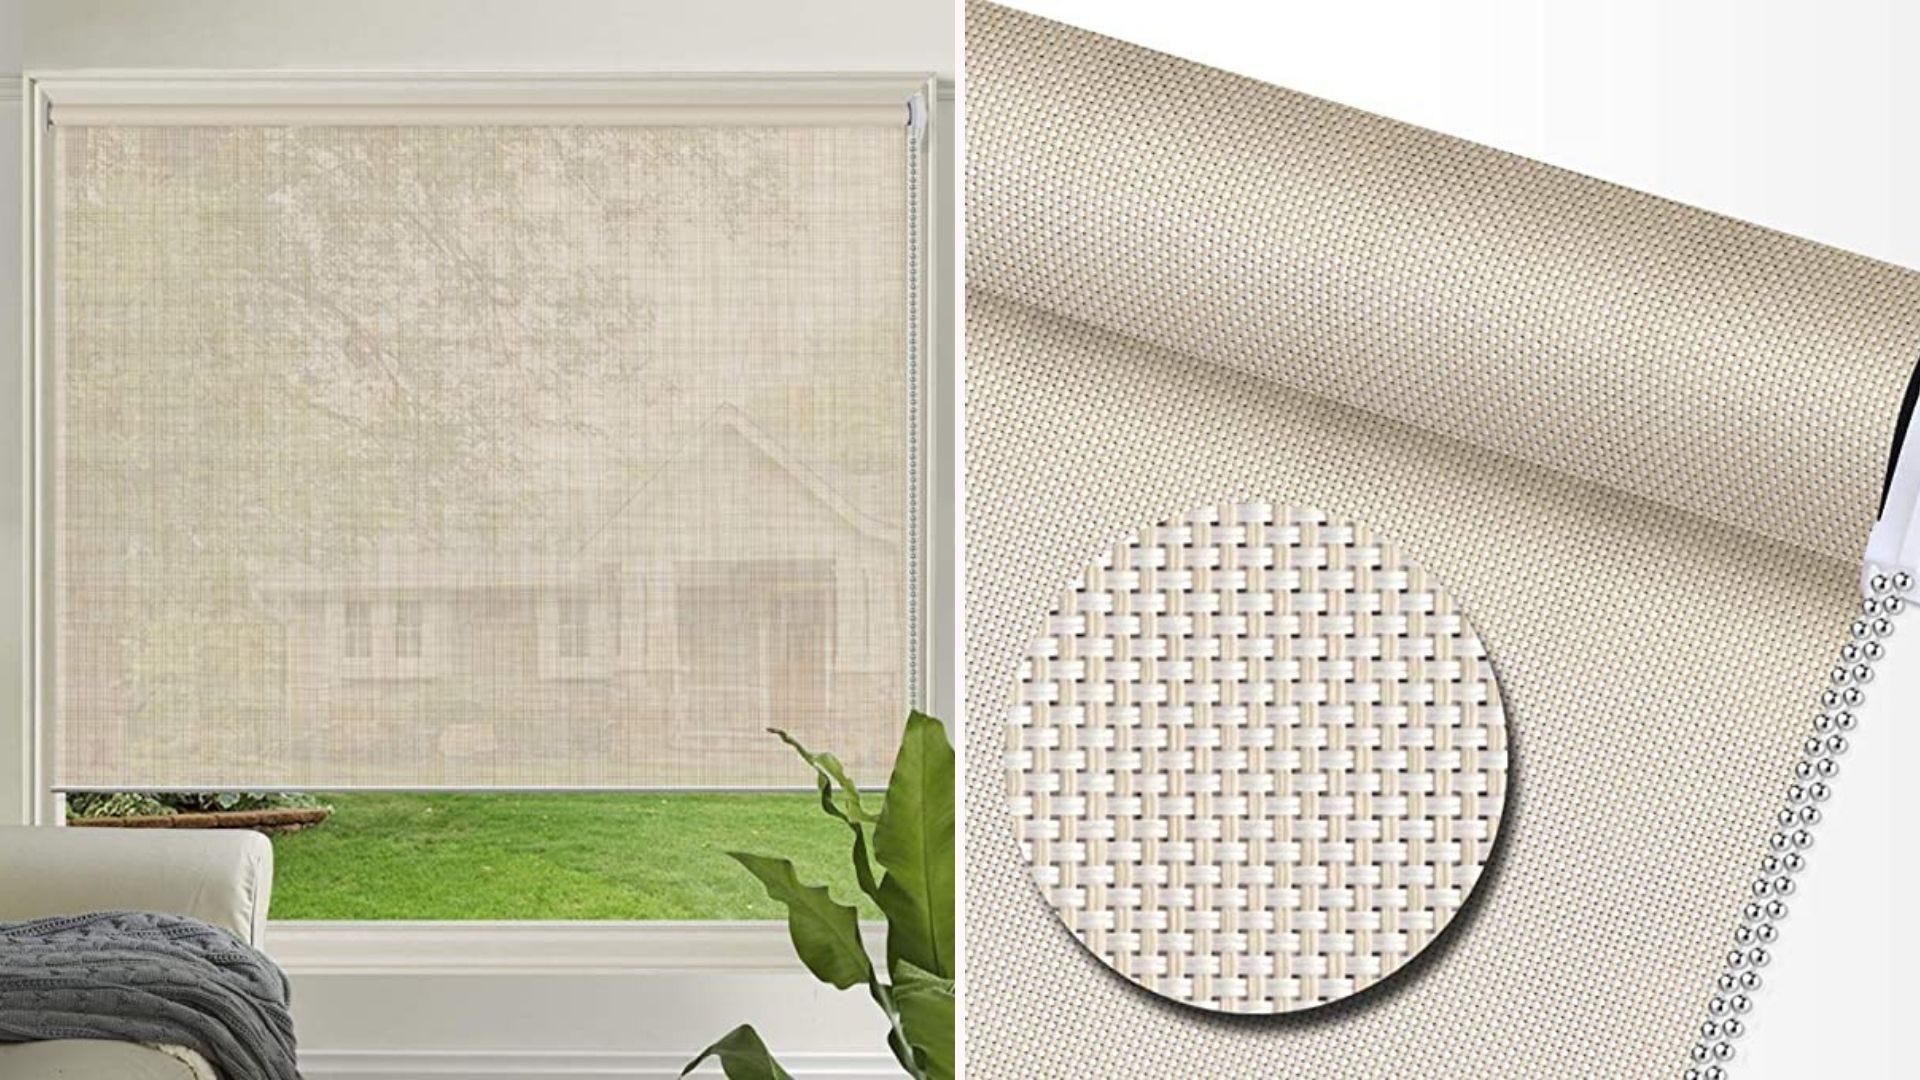 Слева солнечная тень, блокирующая свет в гостиной, а справа - крупный план текстуры тени.